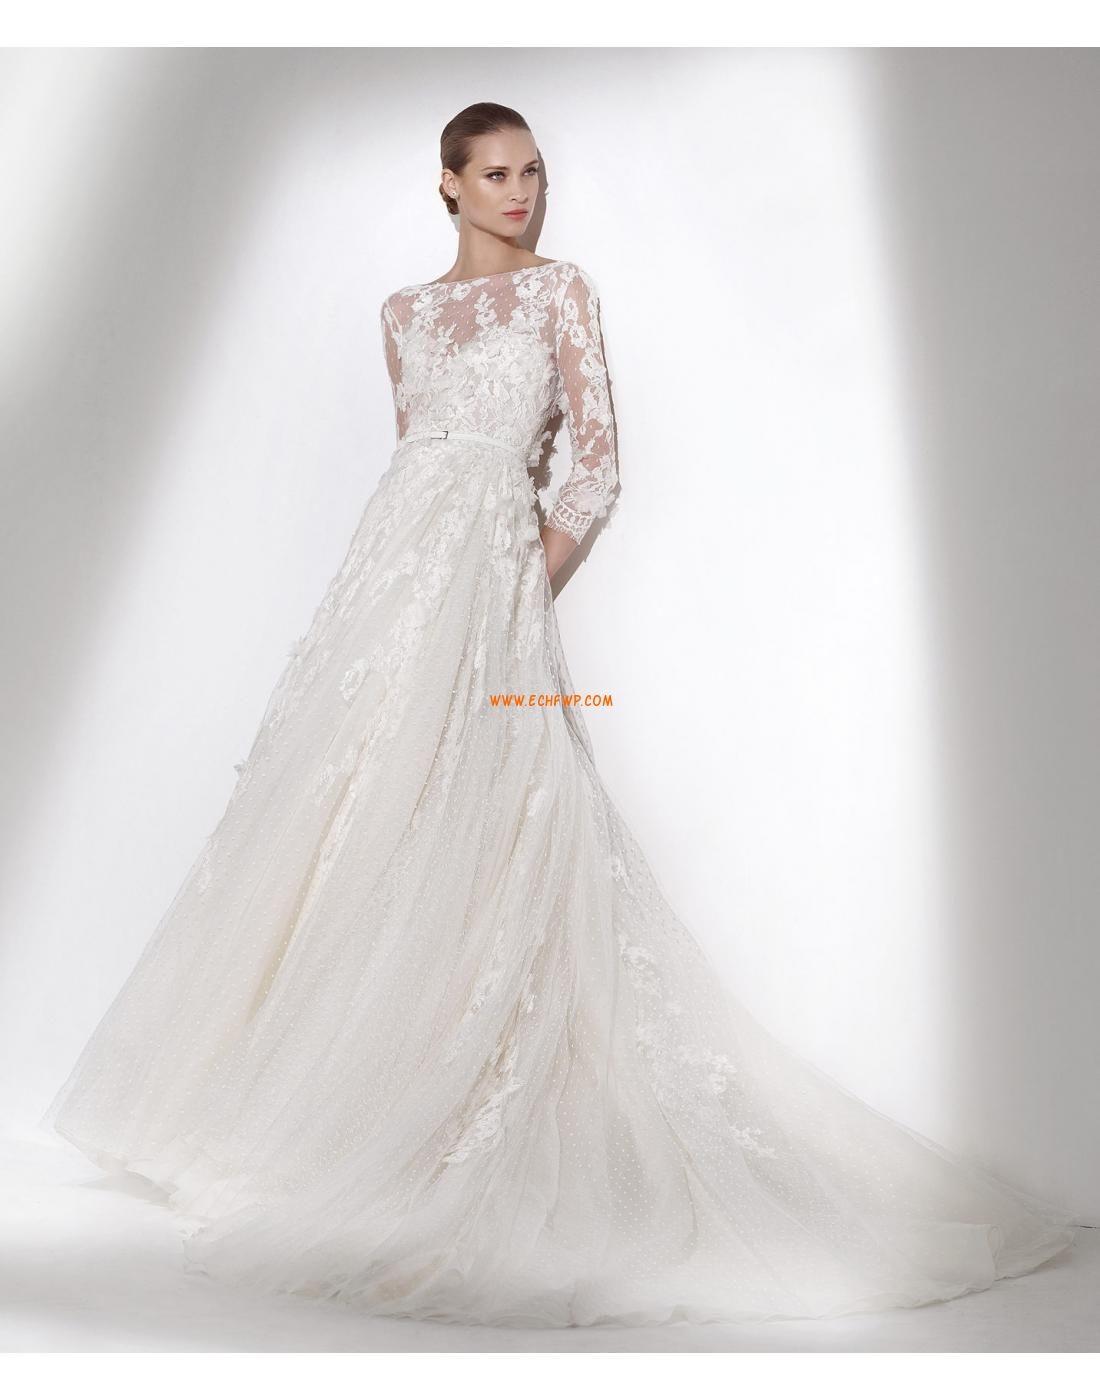 Lange Ärmel Spitze Natürlich Brautkleider 2015